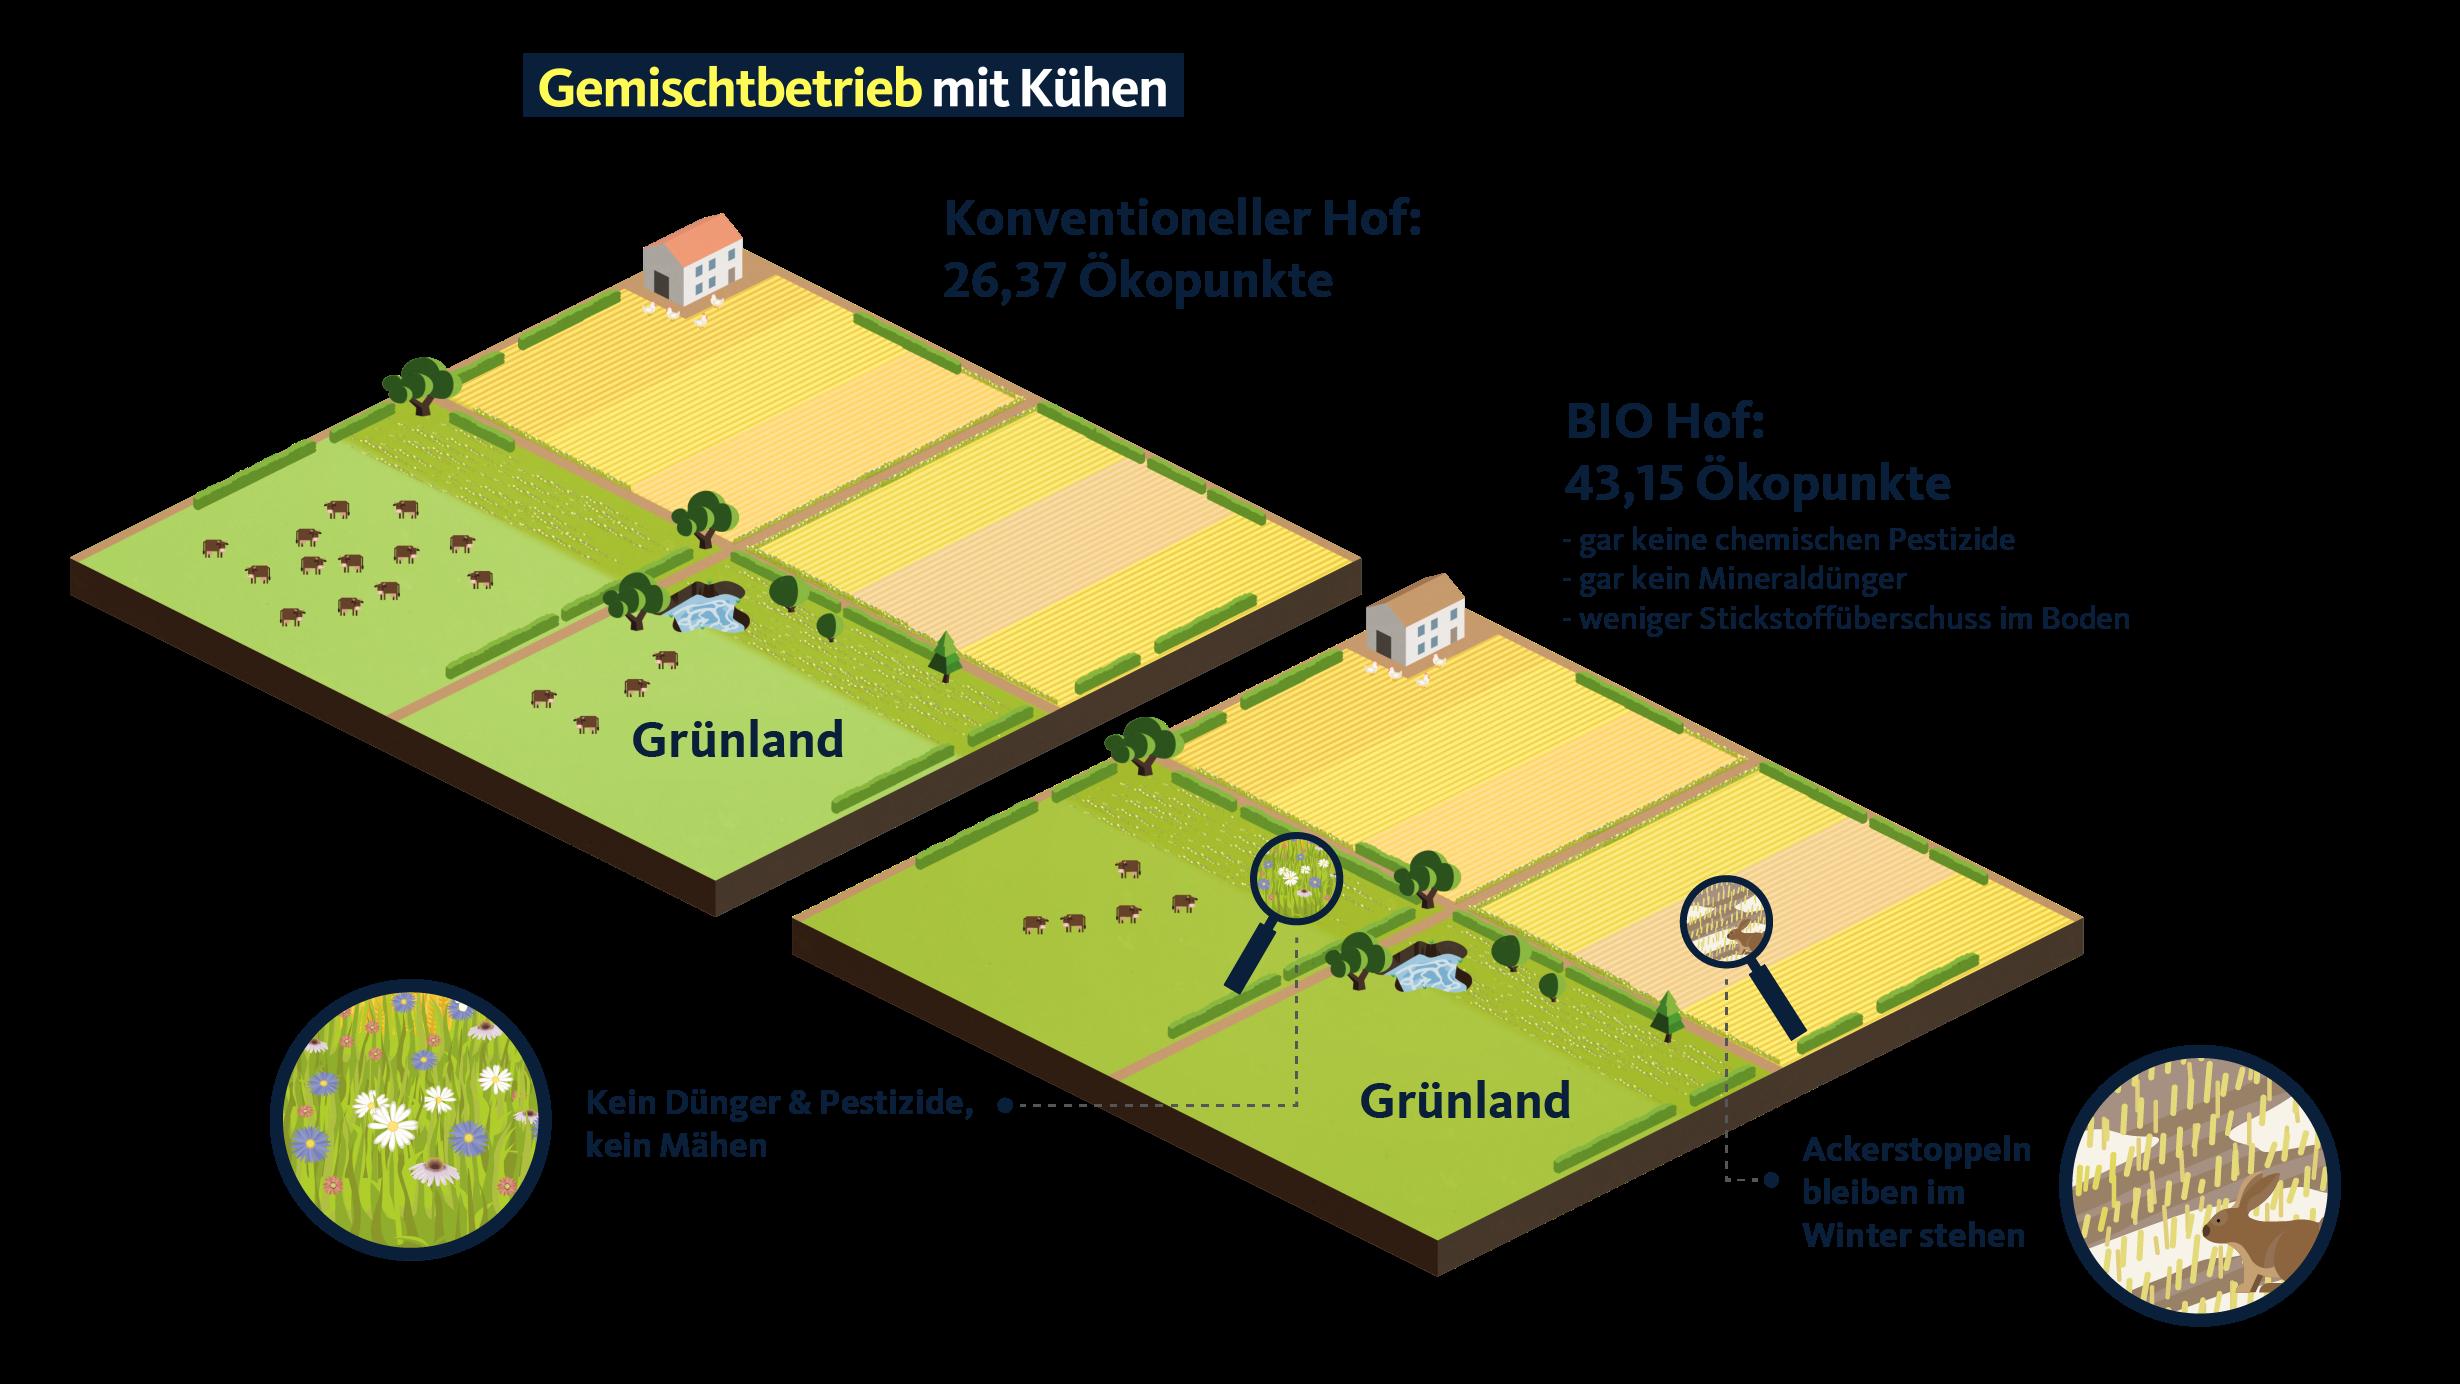 Vergleich eines Bio-Hofs mit einem konventionellen Hof